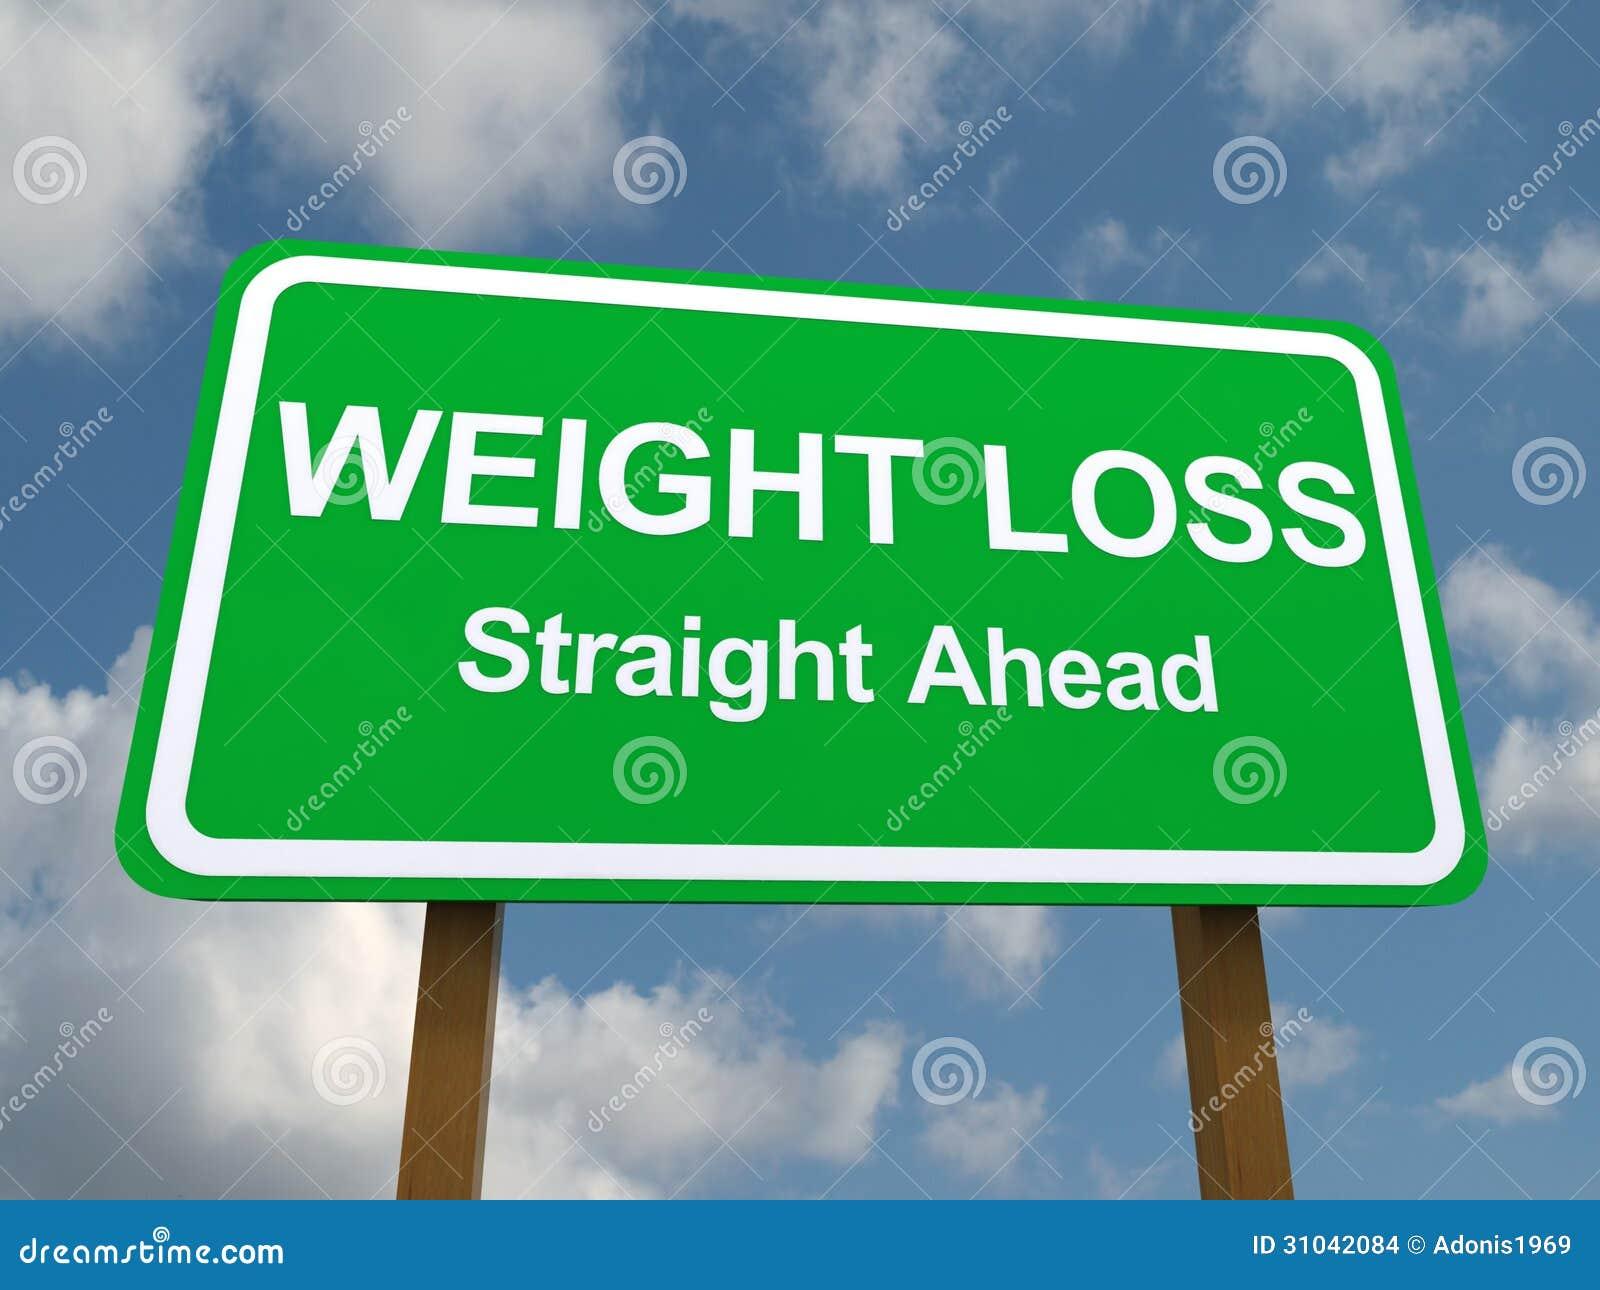 Weight loss diet indusladies